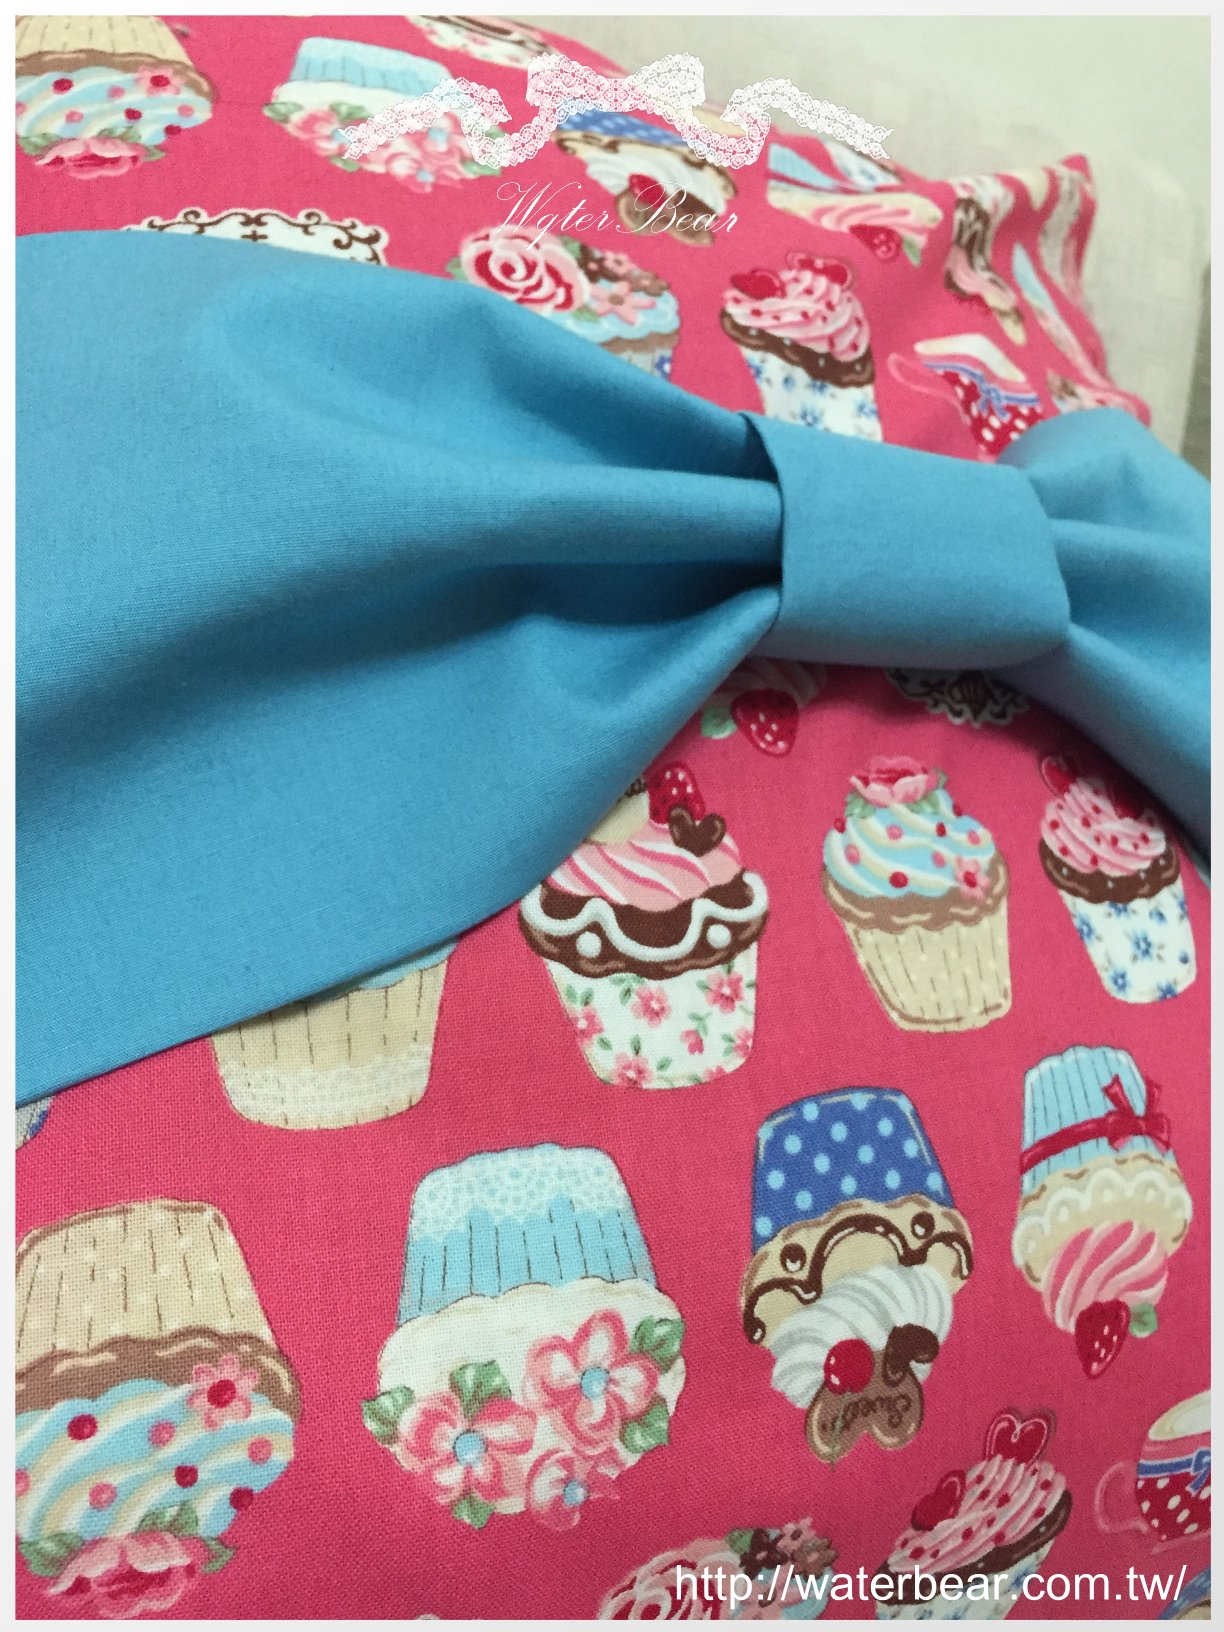 客製。蛋糕。蝴蝶結。抱枕 - 水貝兒縫紉手作